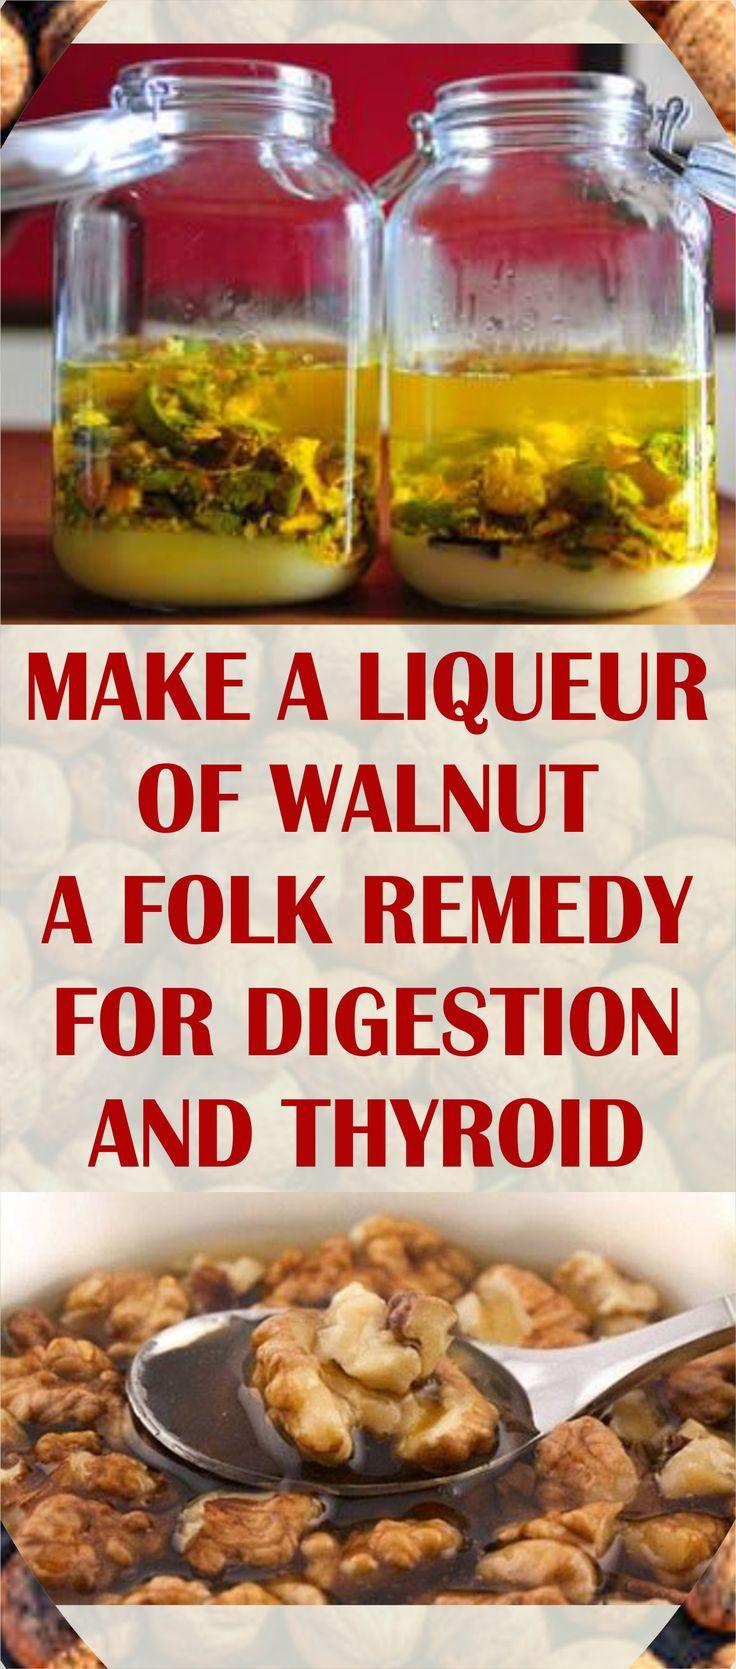 MAKE A LIQUEUR OF WALNUT – A FOLK REMEDY FOR DIGESTION AND THYROID #liqueur #walnut #remedy #degestion #thyroid